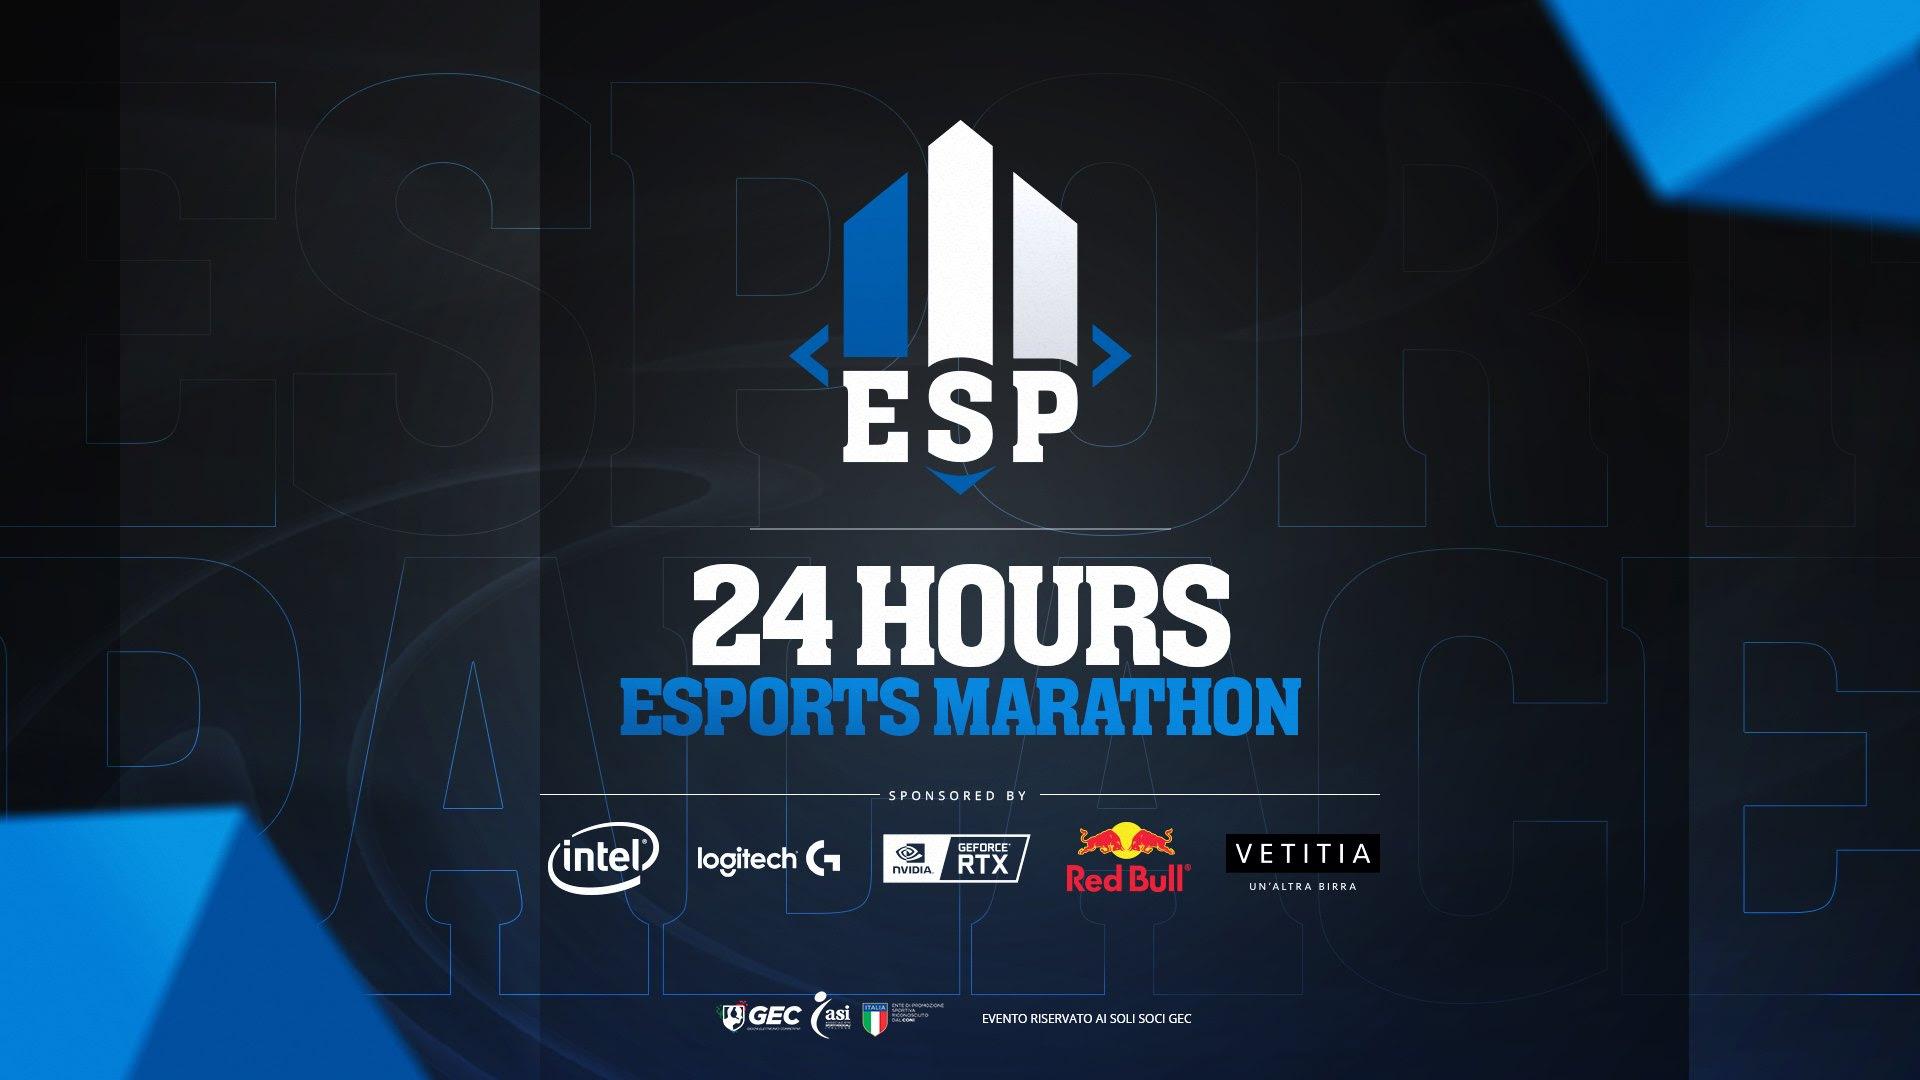 24H Esports Marathon